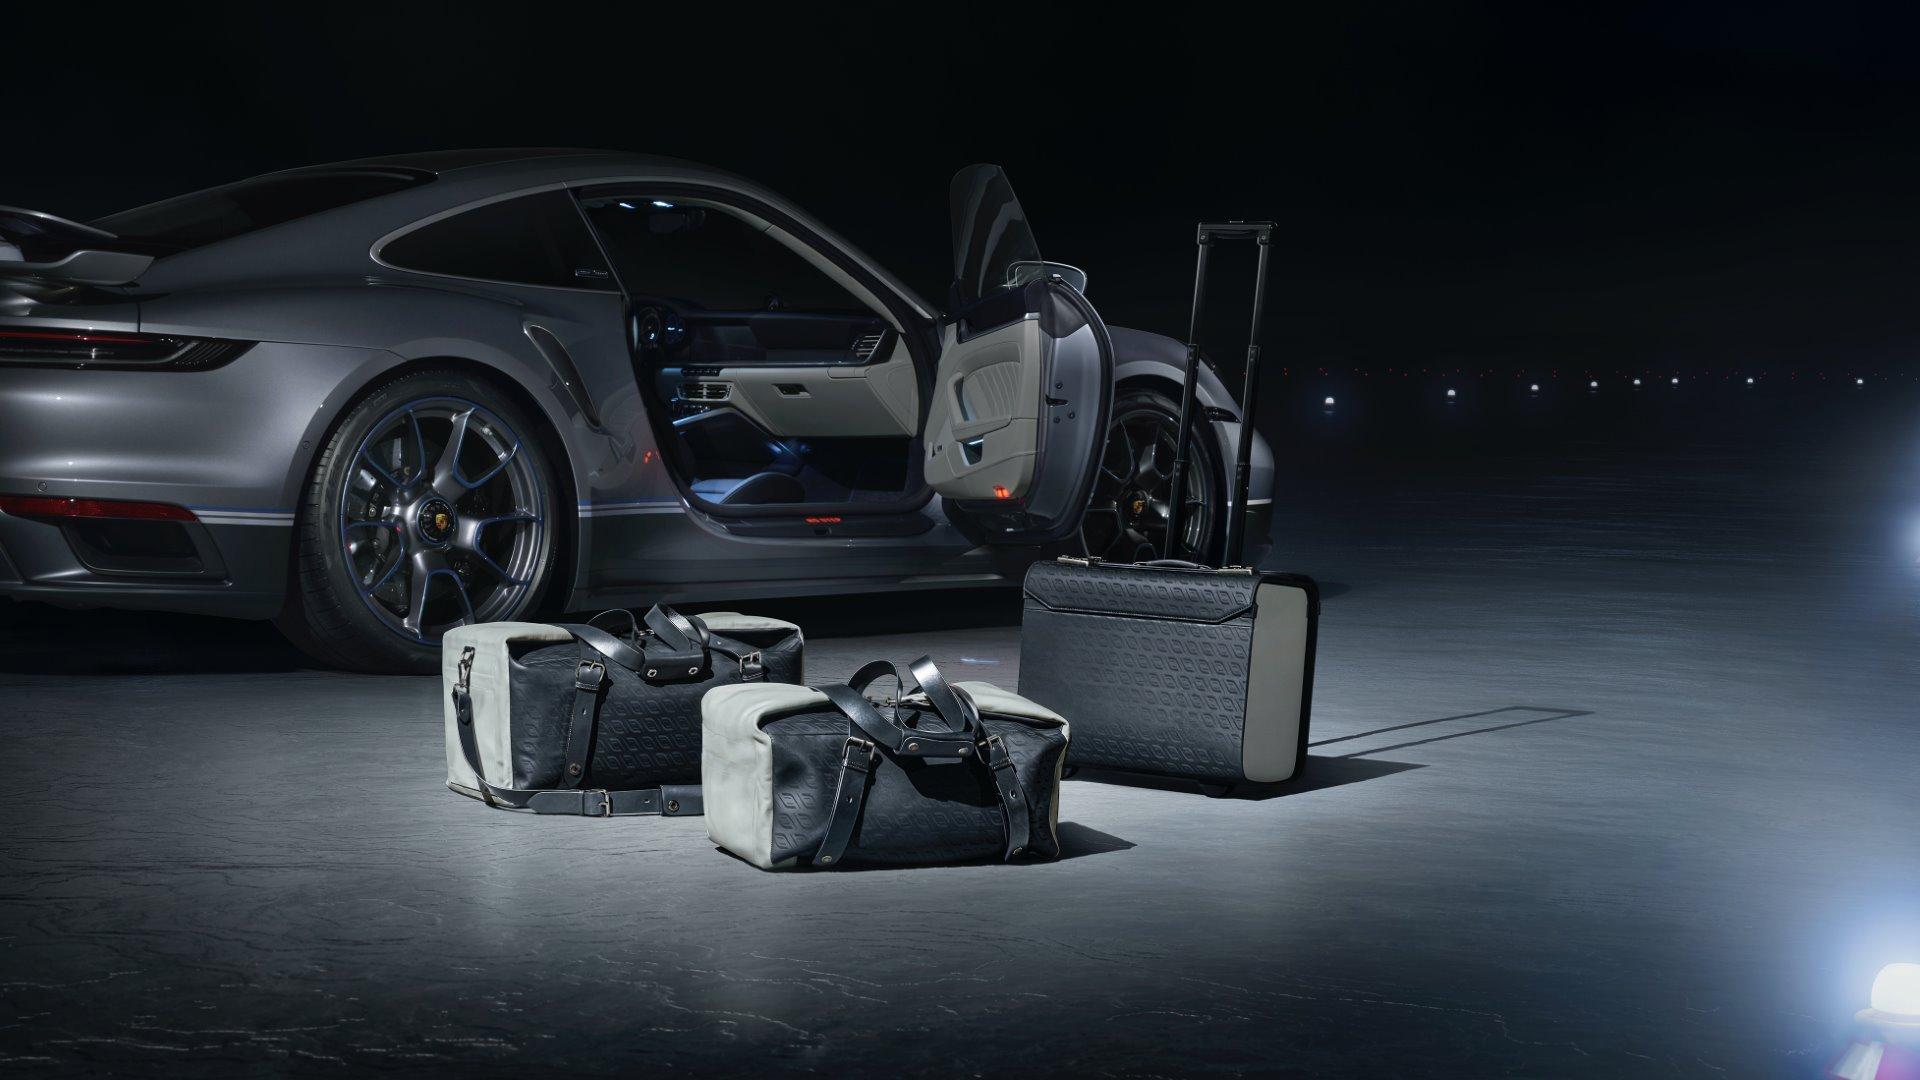 Pacchetto Duet Luxury L'incredibile promozione lanciata da due celebri aziende in un'accoppiata Limited Edition